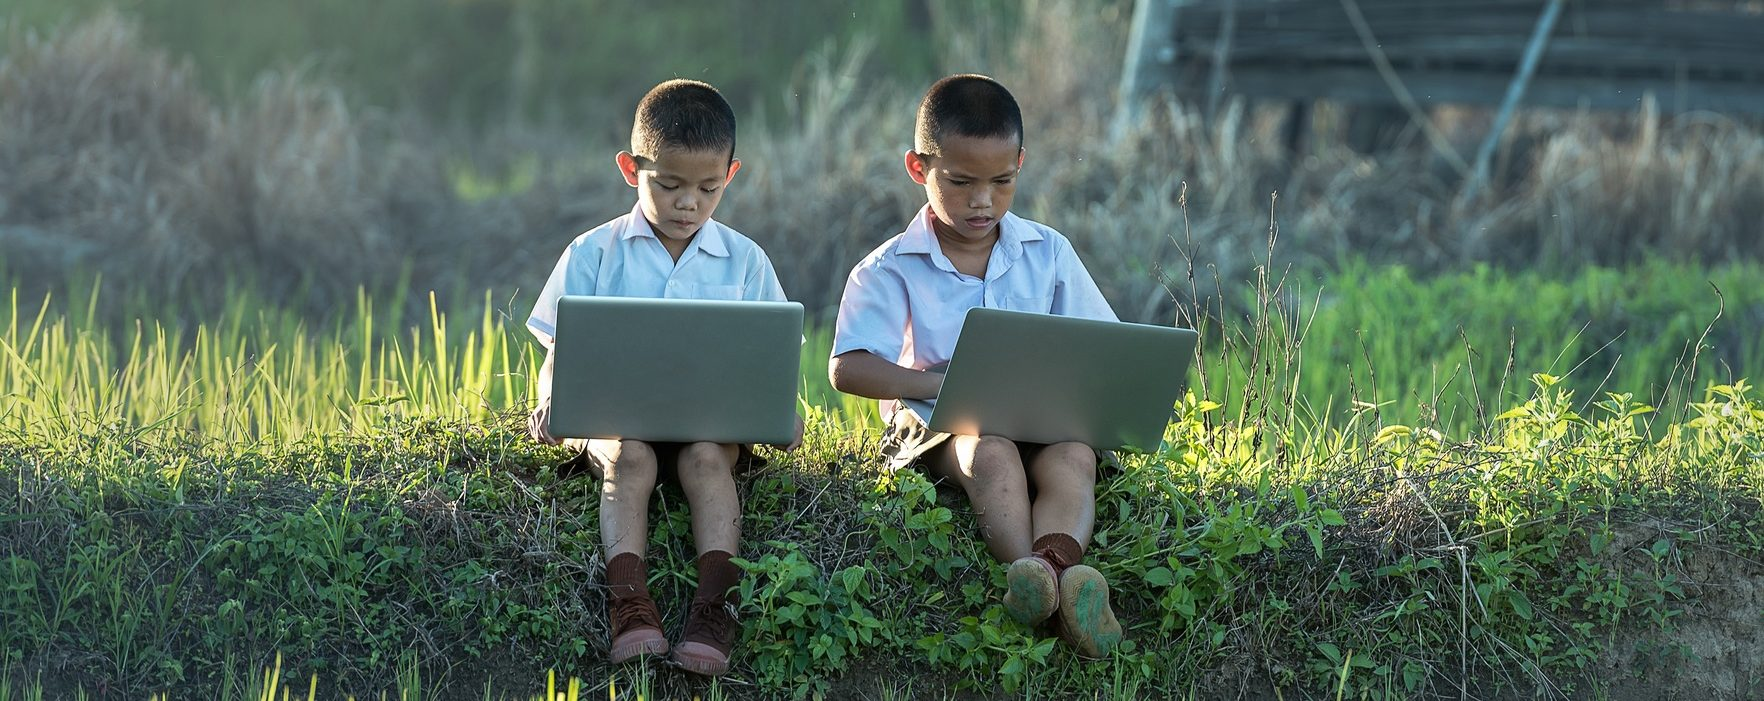 ¿Se puede combatir el ciberbullying a través de la tecnología?